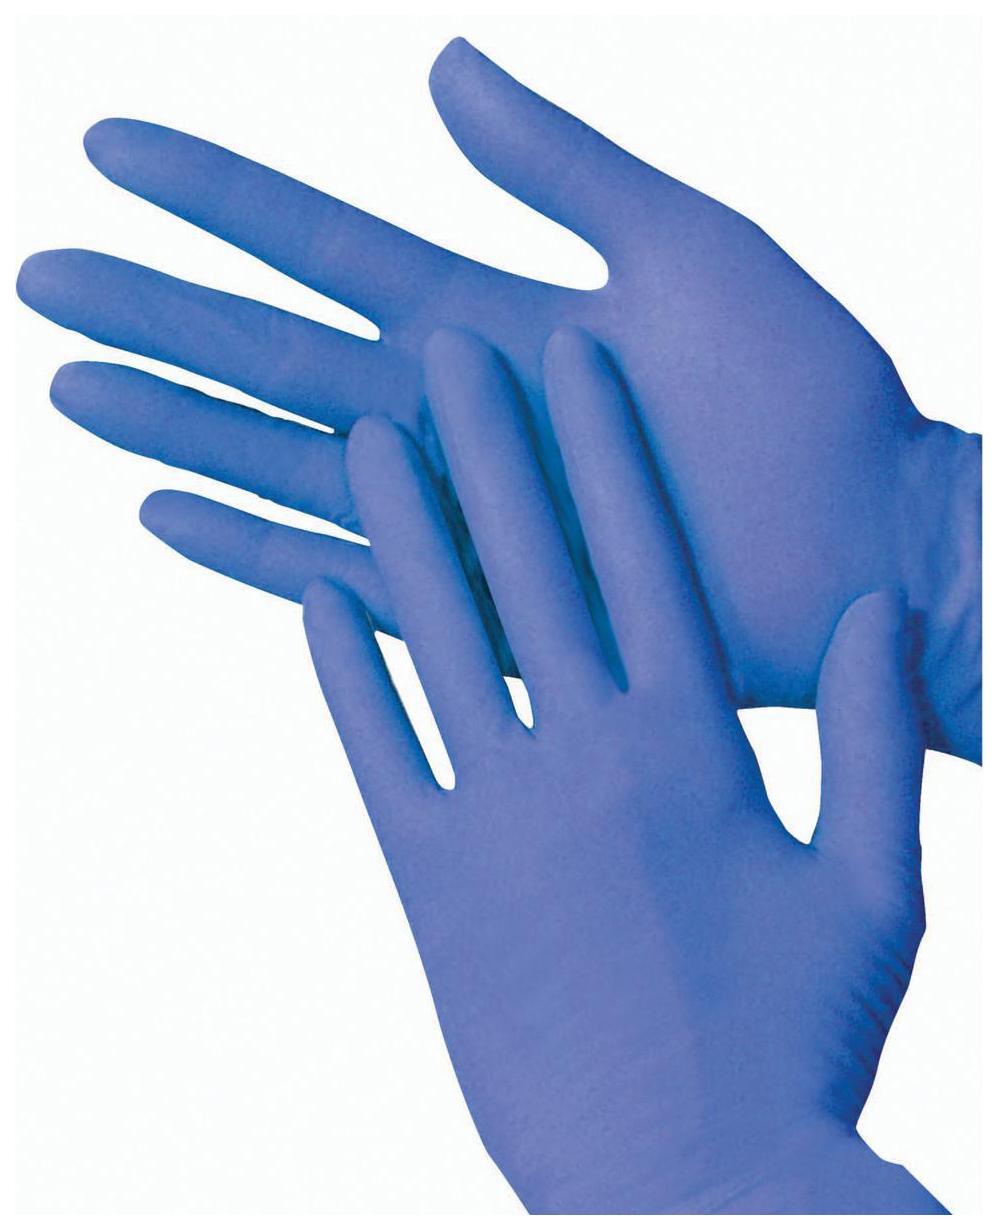 Перчатки латексные Glov professional максимальной плотности